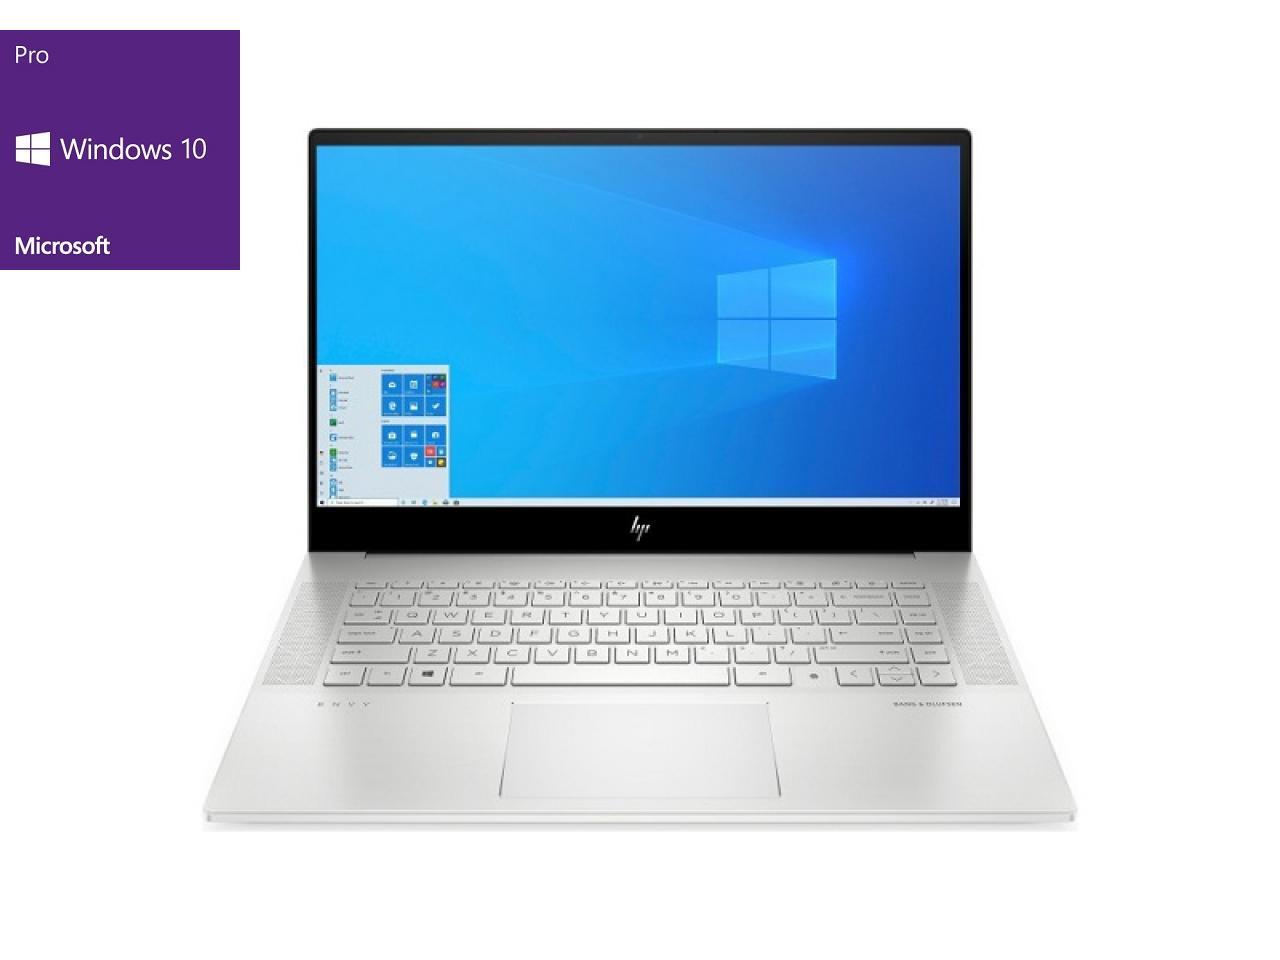 Hewlett Packard Envy 15-ep0060ng  - shop.bb-net.de